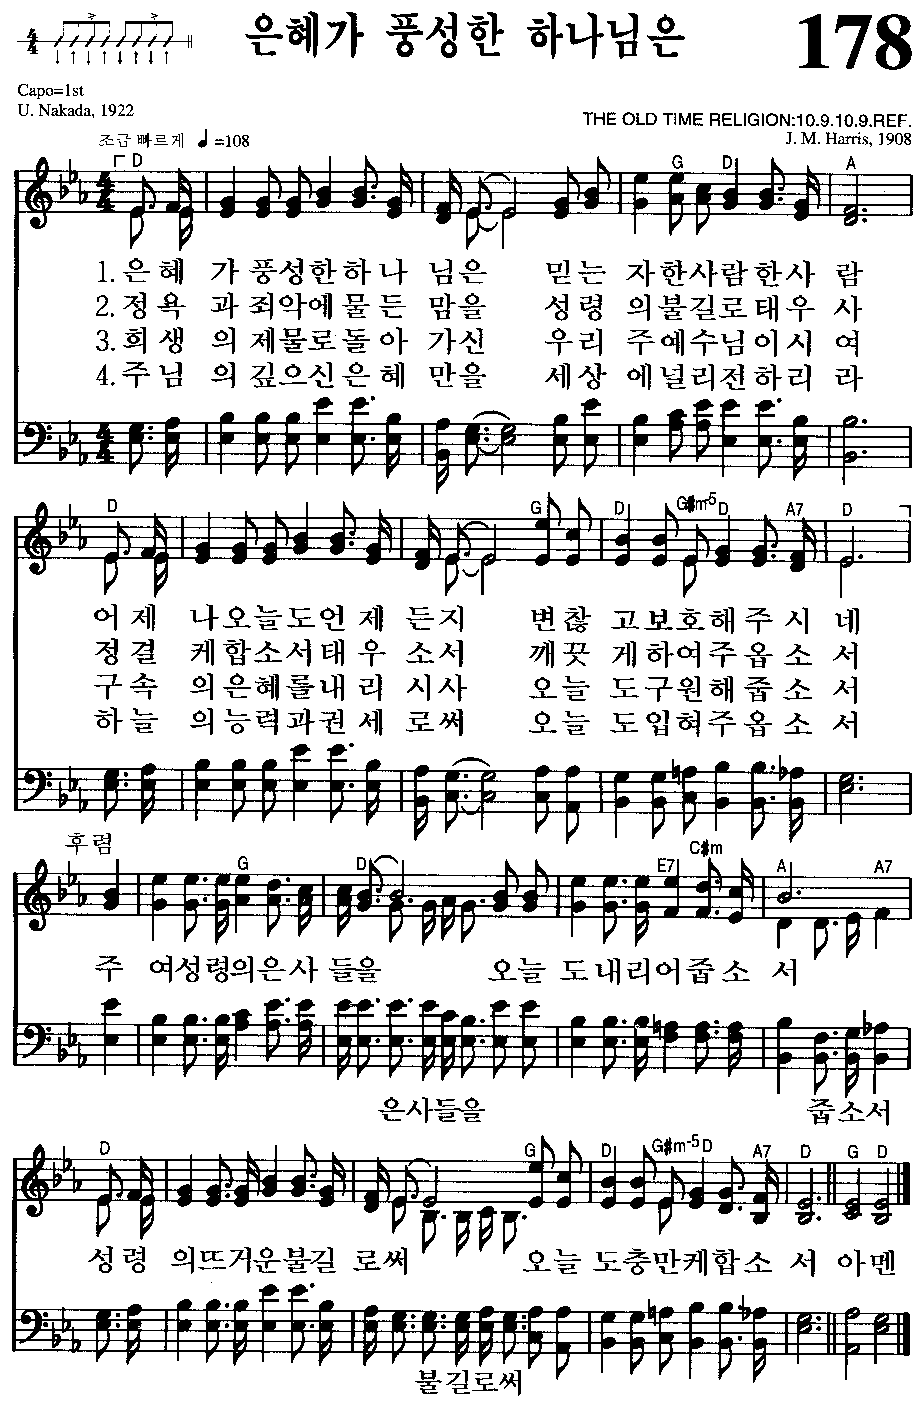 恵み深きみ神よ  韓国語